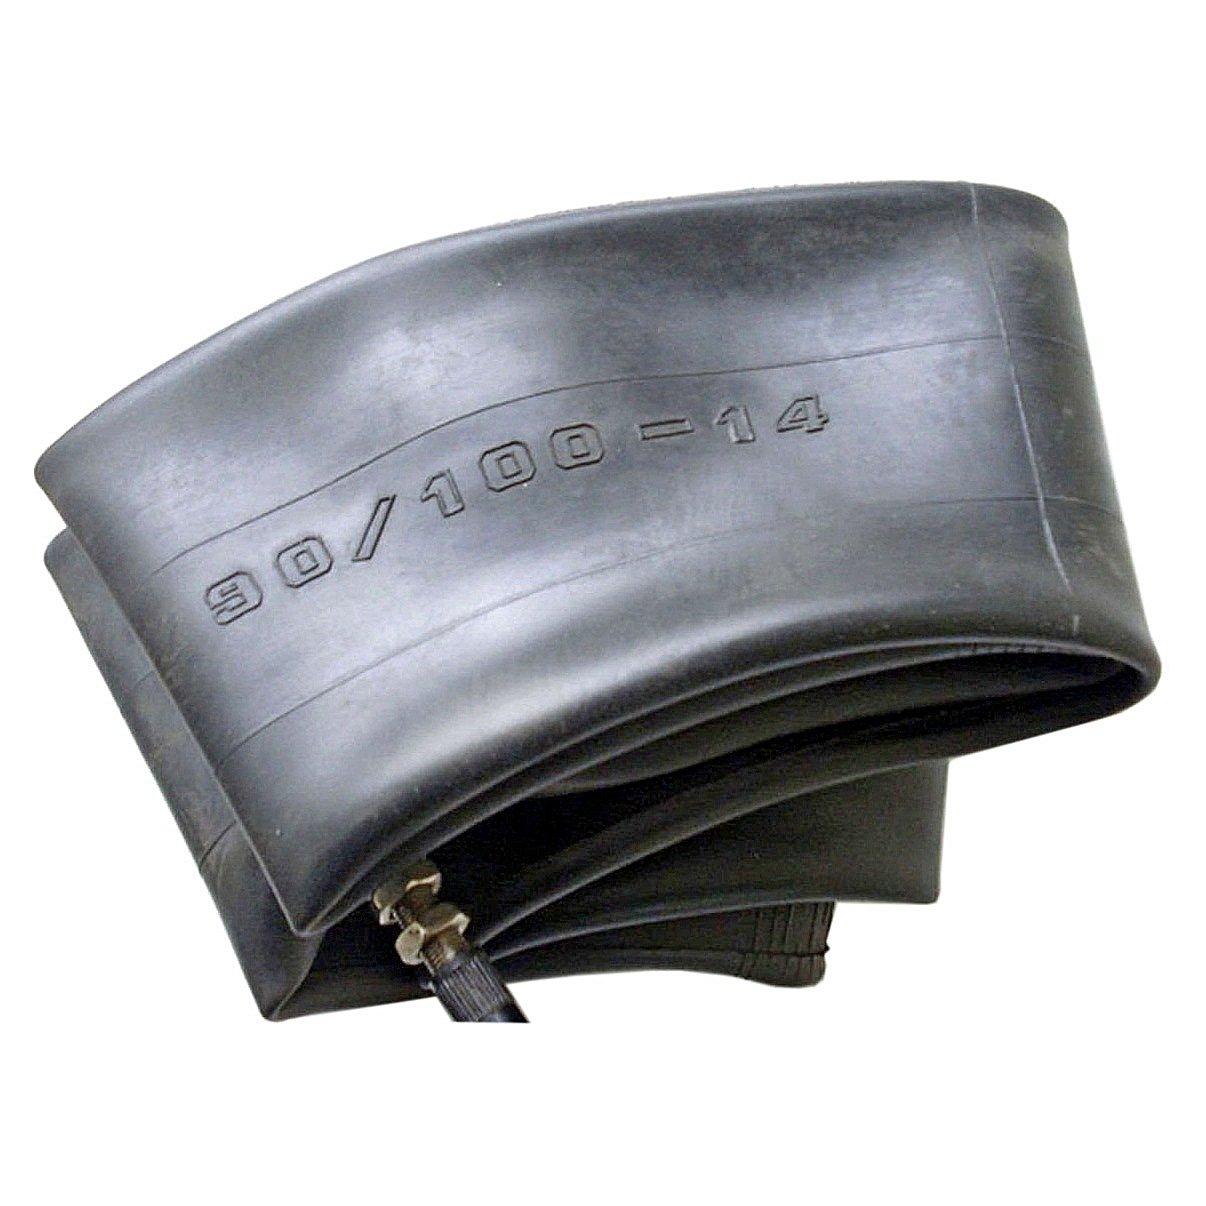 BRAND NEW 3.00-14 INNER TUBE INNERTUBE 90//100-14 FOR HONDA XR75 XR80 SUZUKI